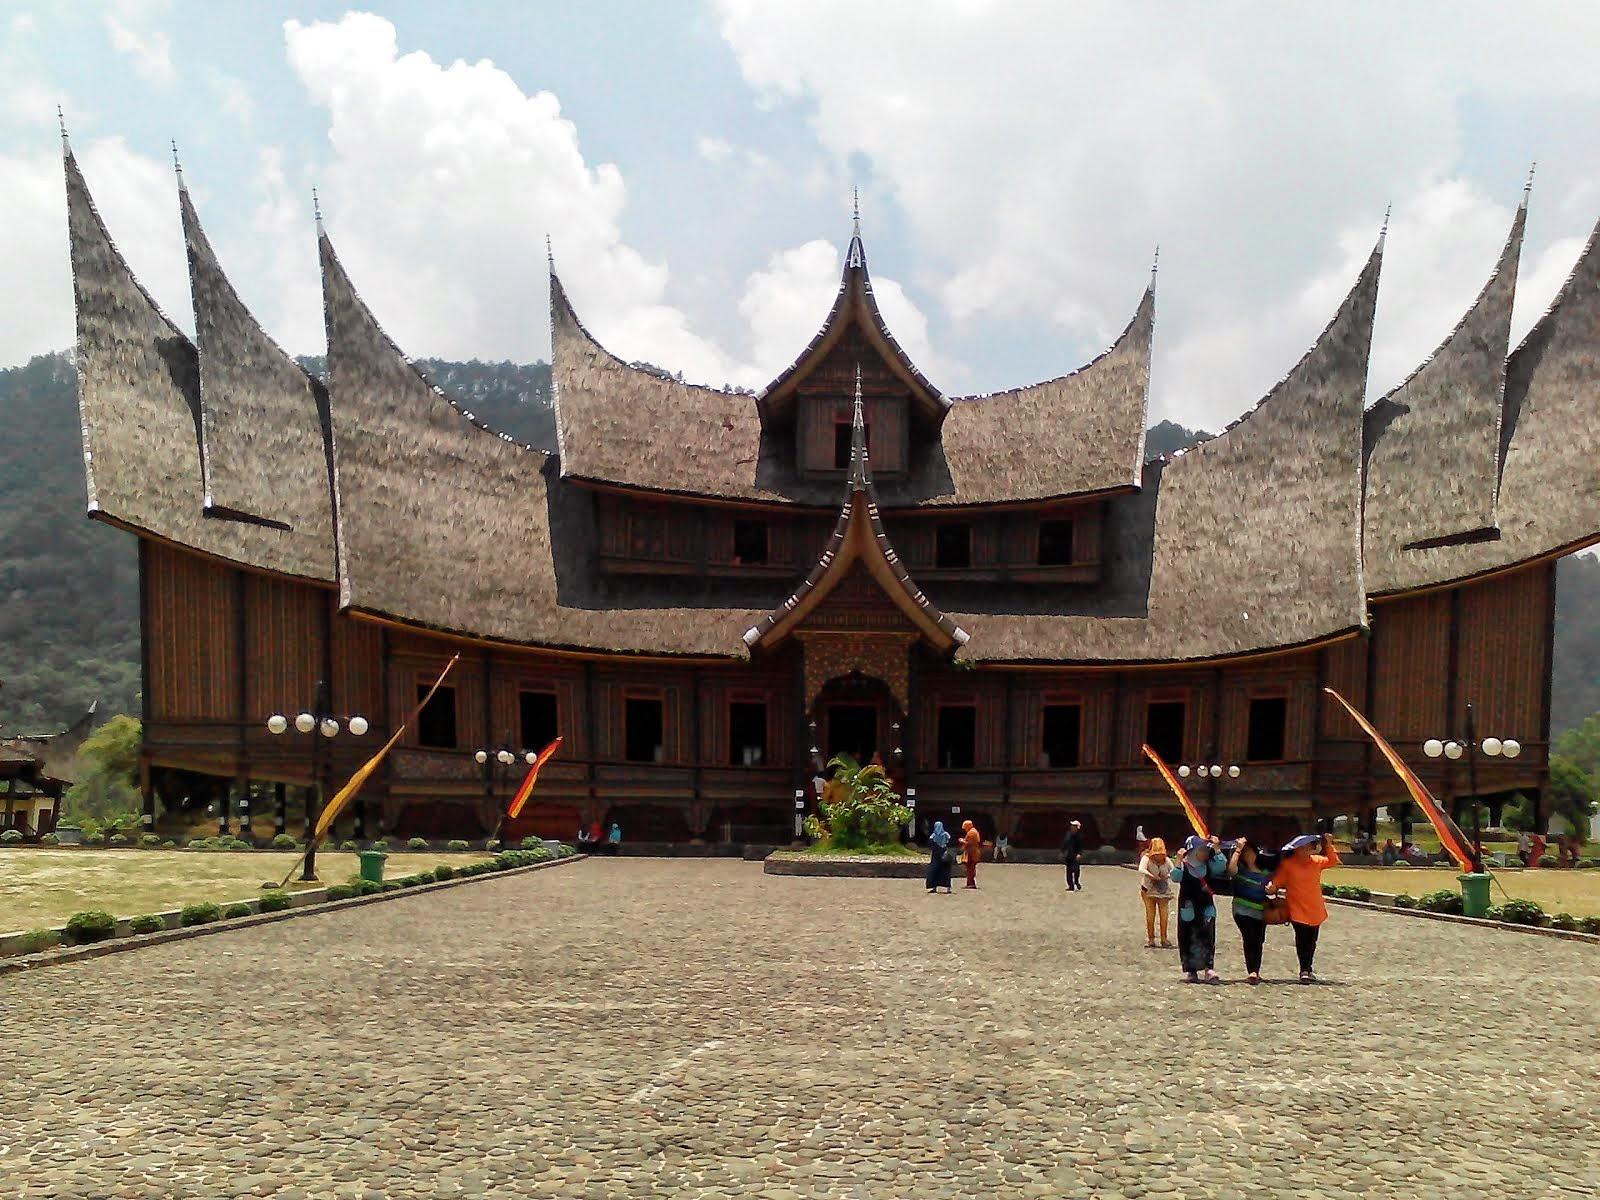 Istana Pagaruyung Batu Sangkar